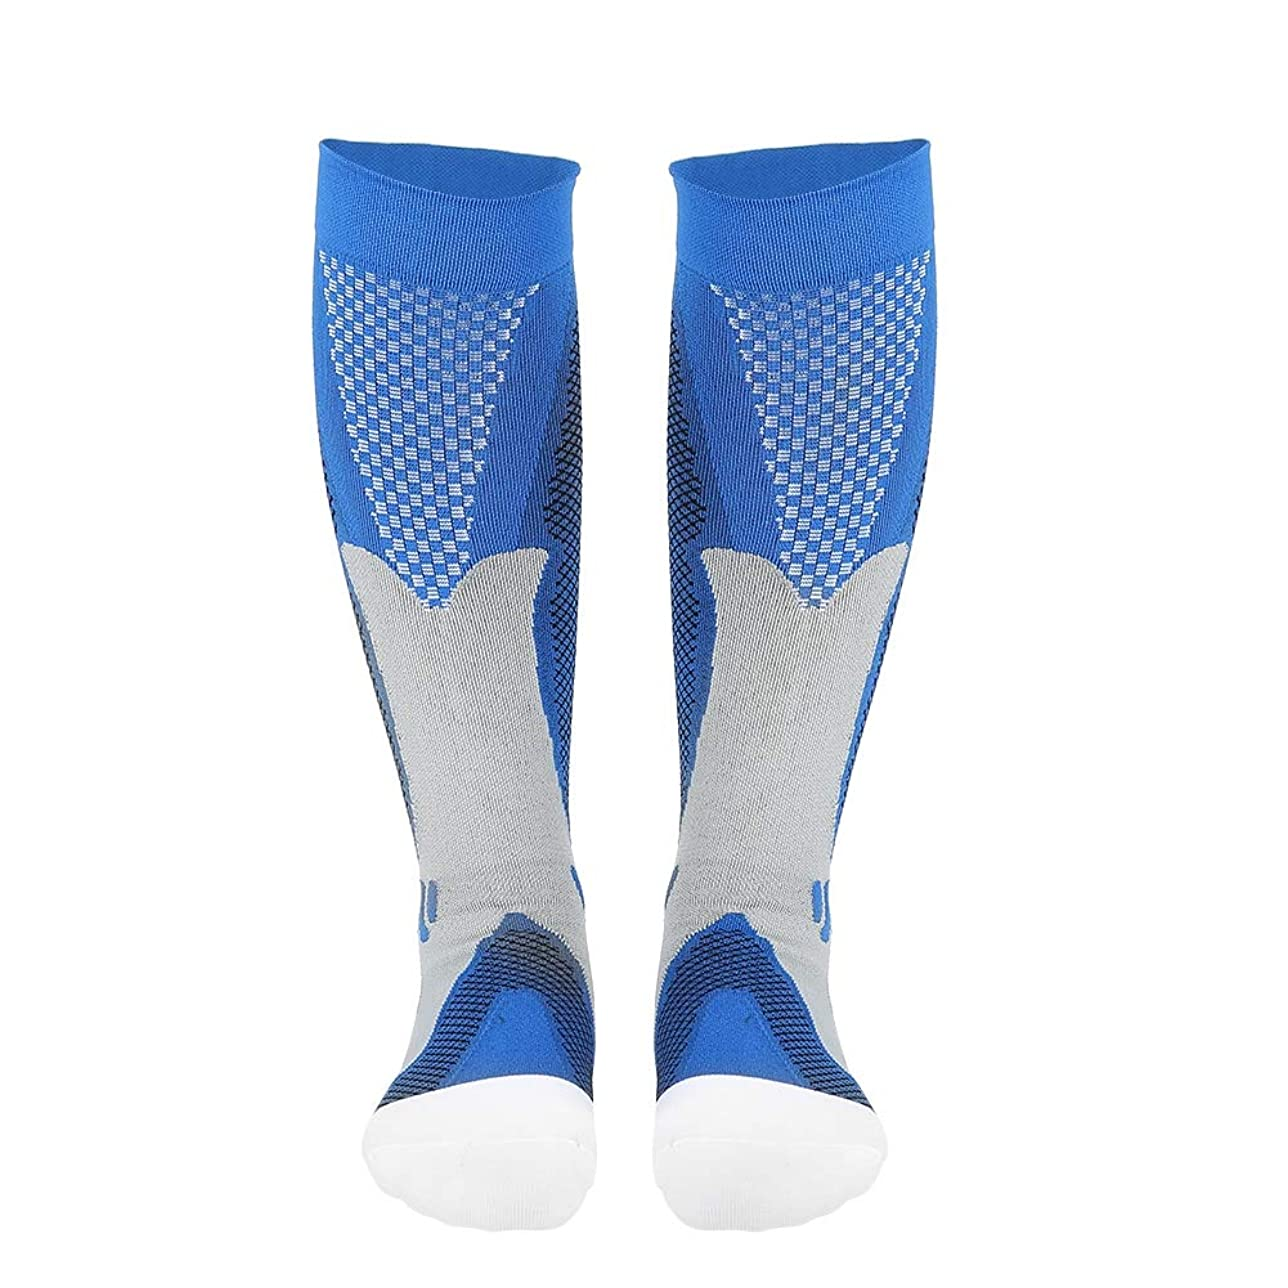 整理するコートペストリー男女通用の圧縮筋靴下 むくみケア用靴下 ランニング バスケ スリム 美脚 靴下 (S/M-ブルー)